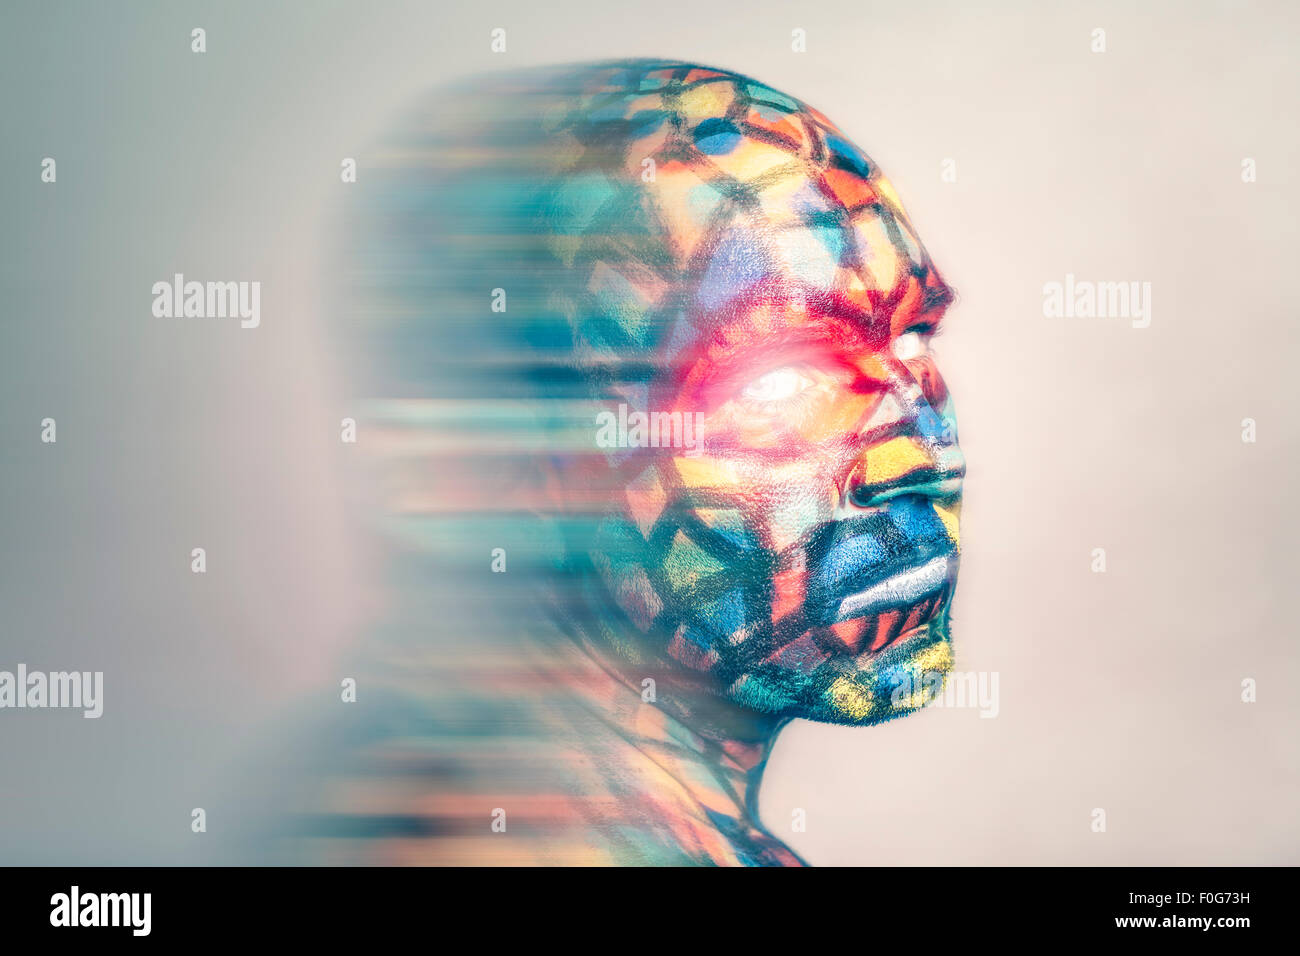 Ritratto di supereroi, faccia colorata arte con motion blur effetto. Immagini Stock